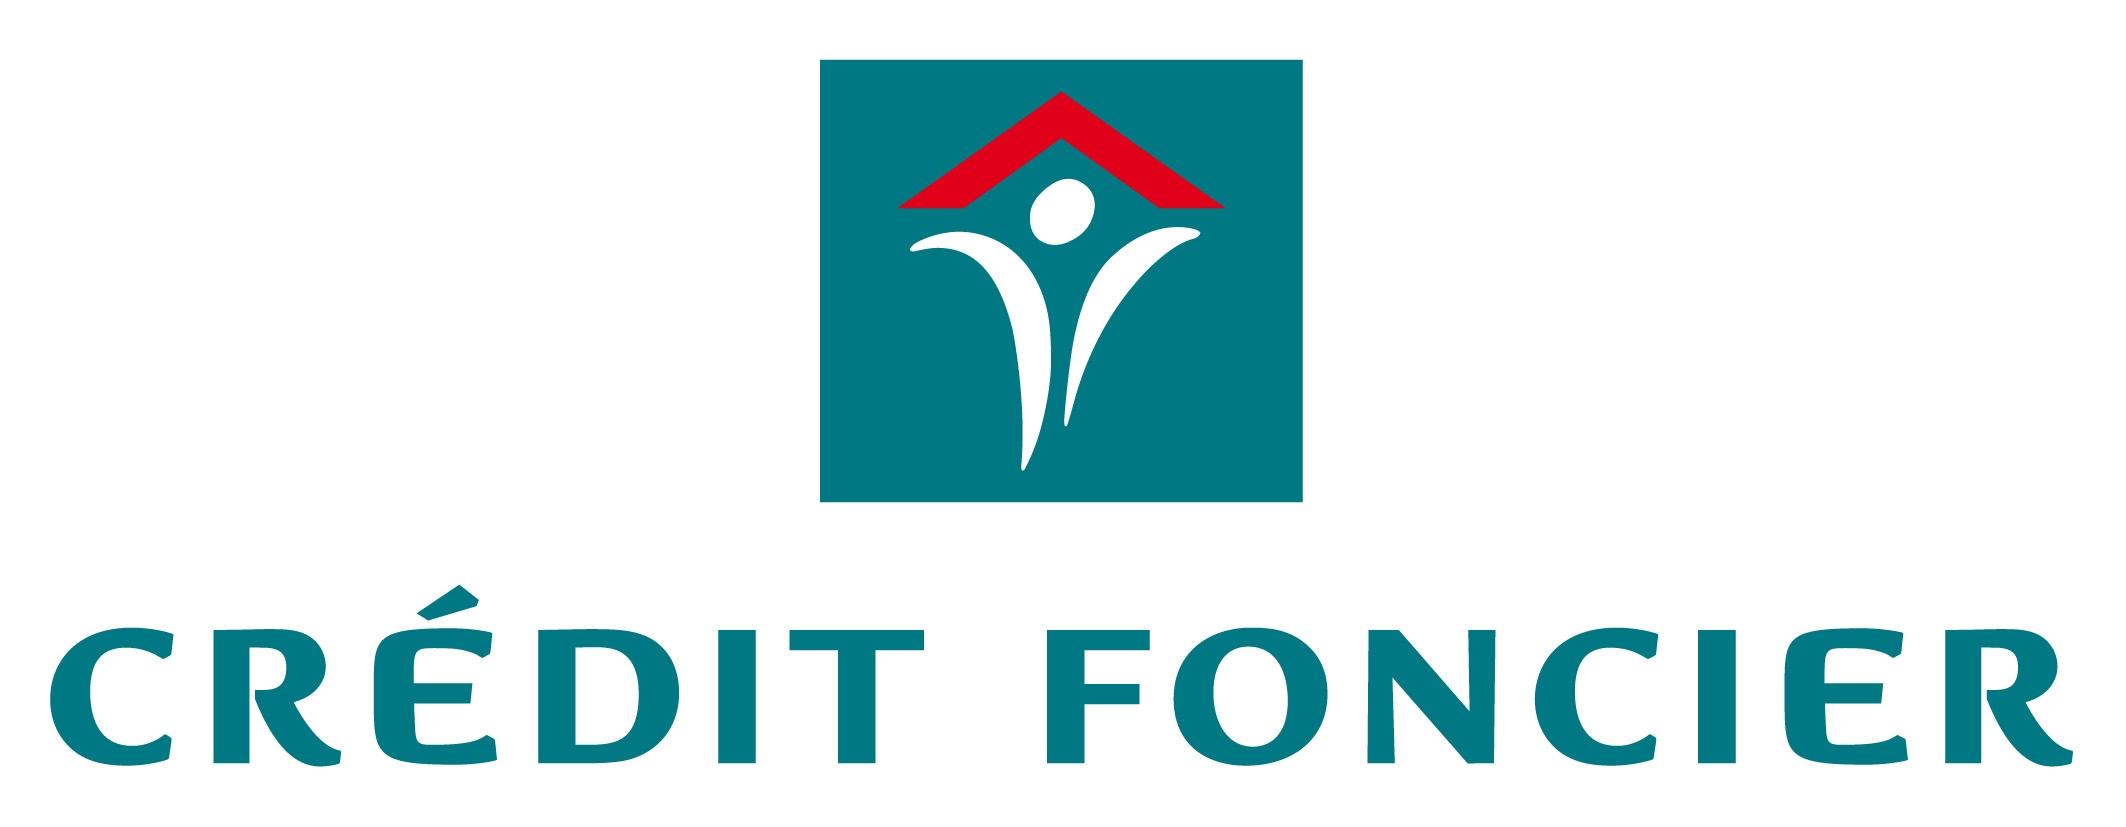 Credit-foncier_logo